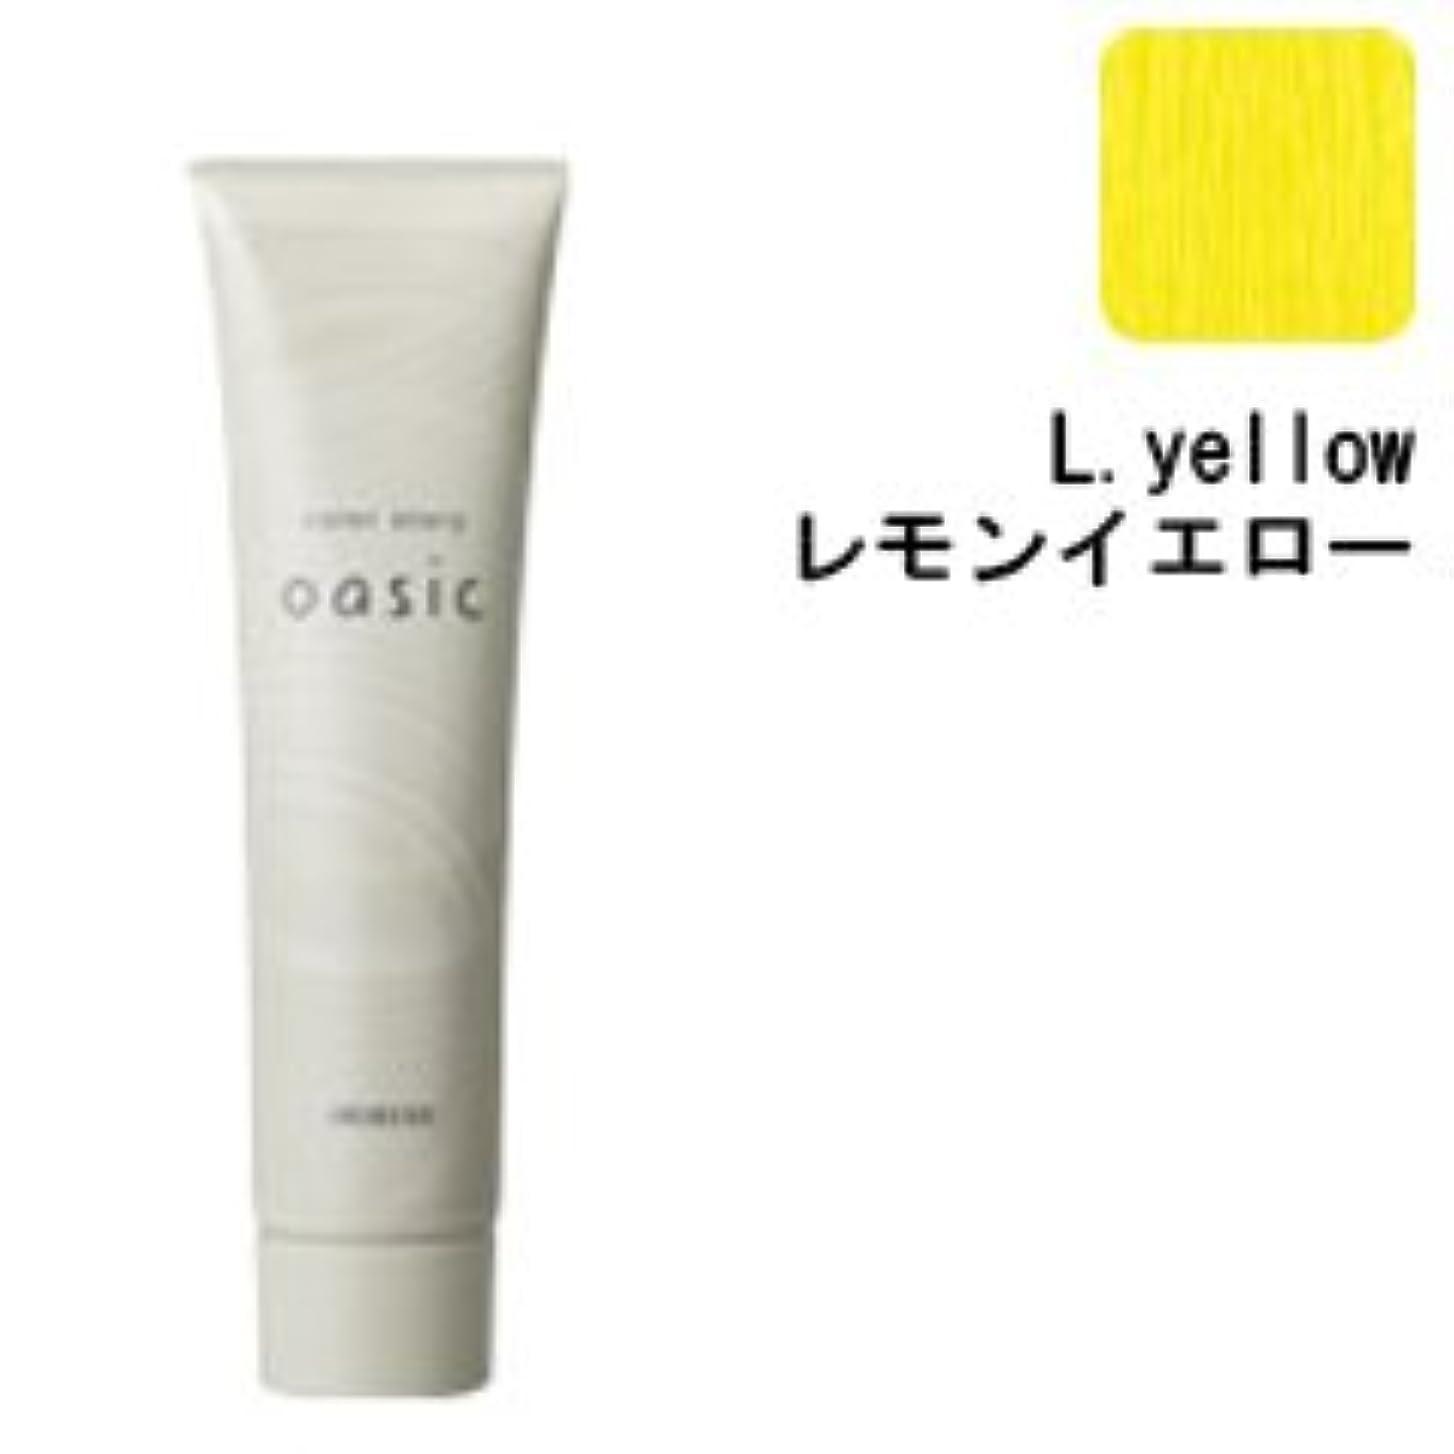 こする準拠比類なき【アリミノ】カラーストーリー オアシック L.yellow (レモンイエロー) 150g